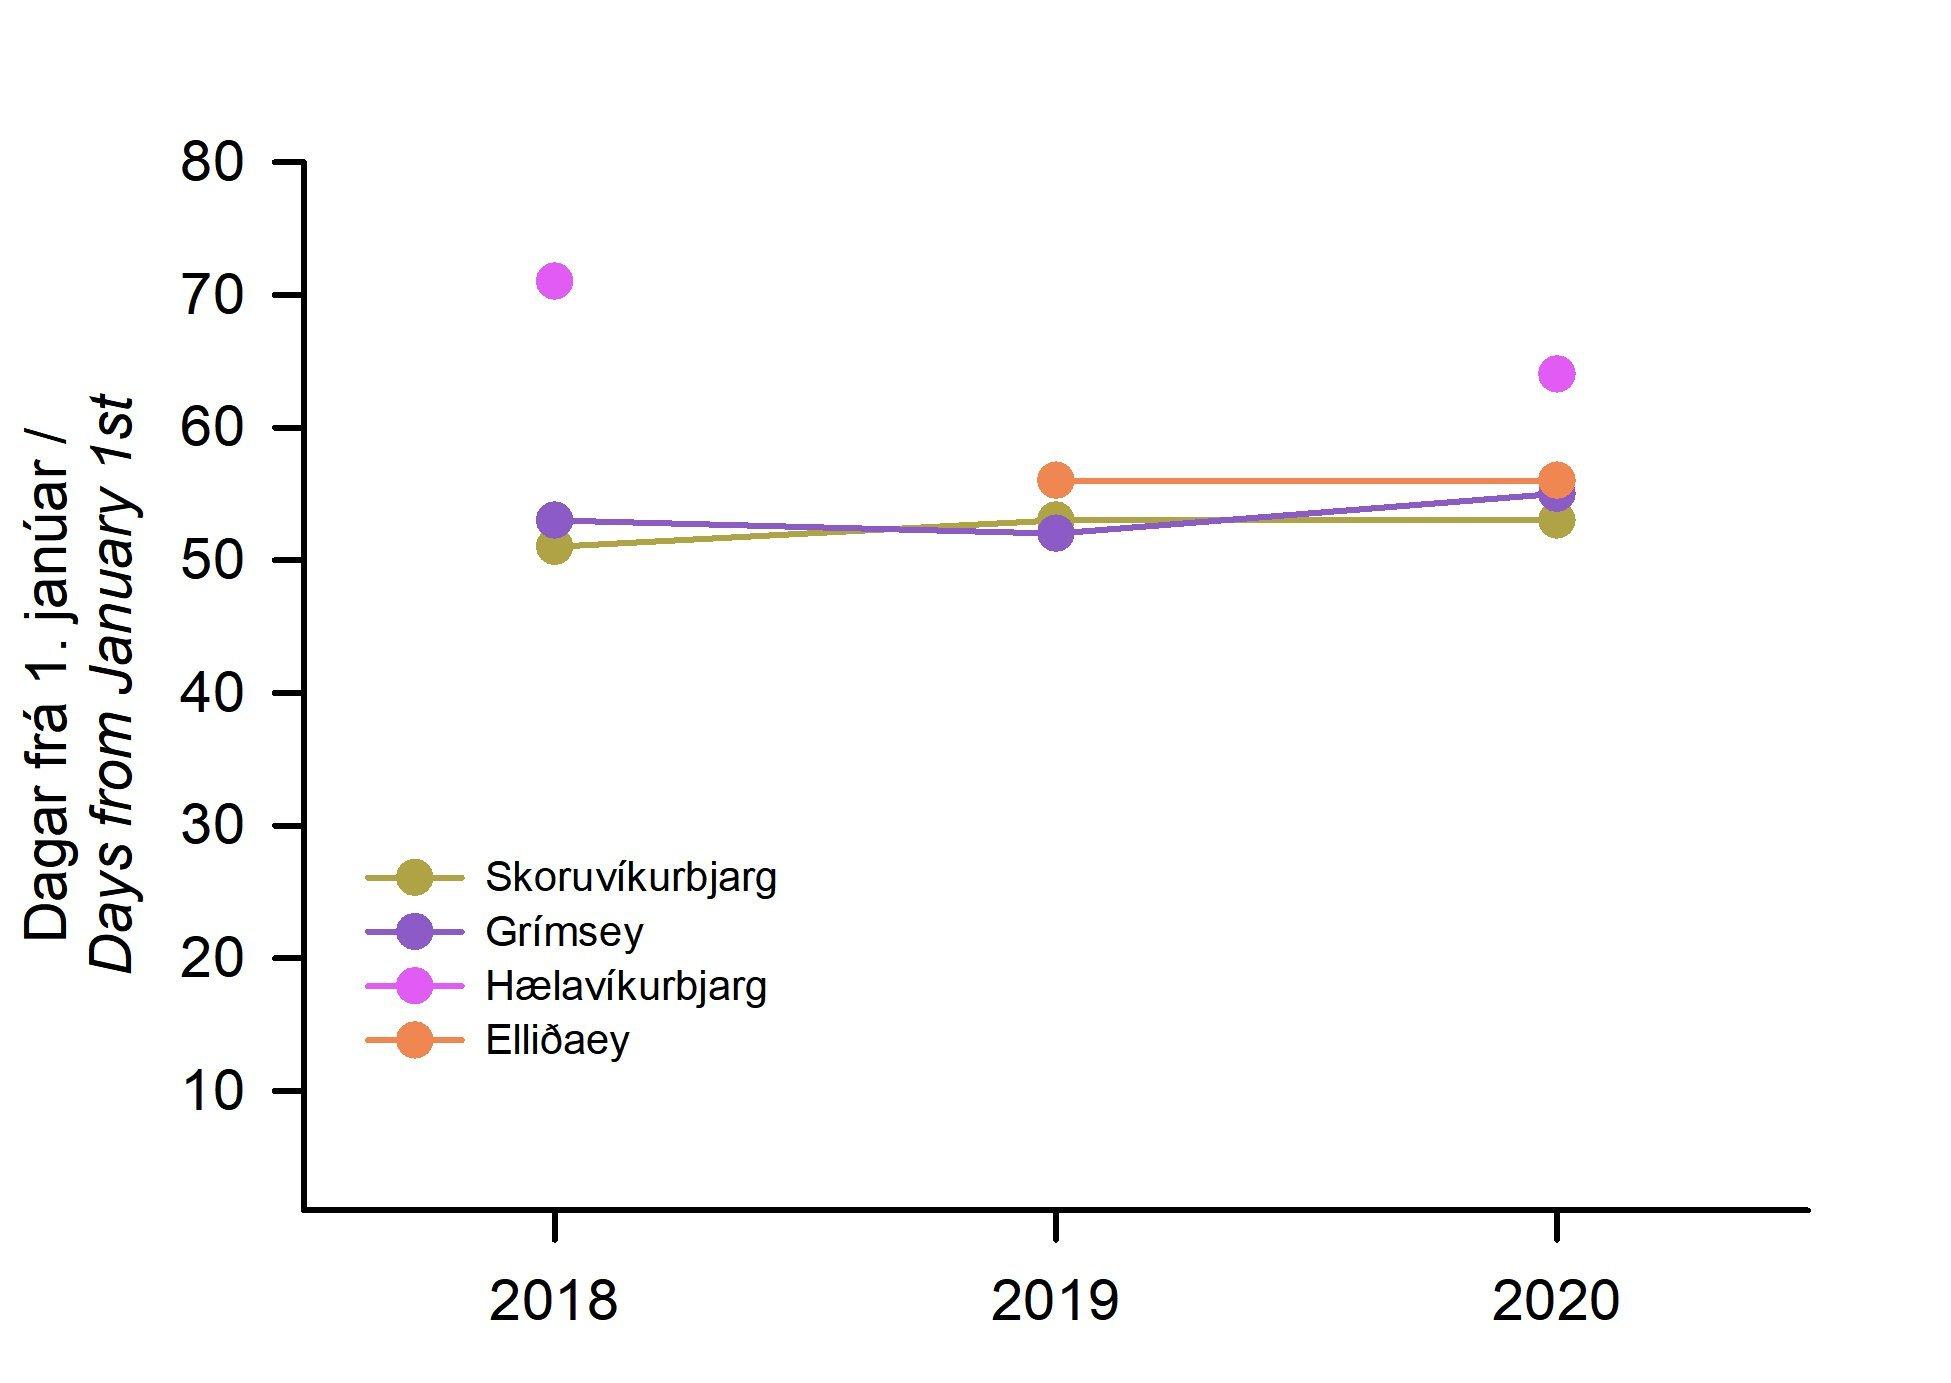 3. mynd. Komutími rita á varpstað í fjórum björgum umhverfis landið 2018-2020. Komutími er sýndur sem fjöldi daga frá 1. janúar (dagur 1 = 1. janúar).